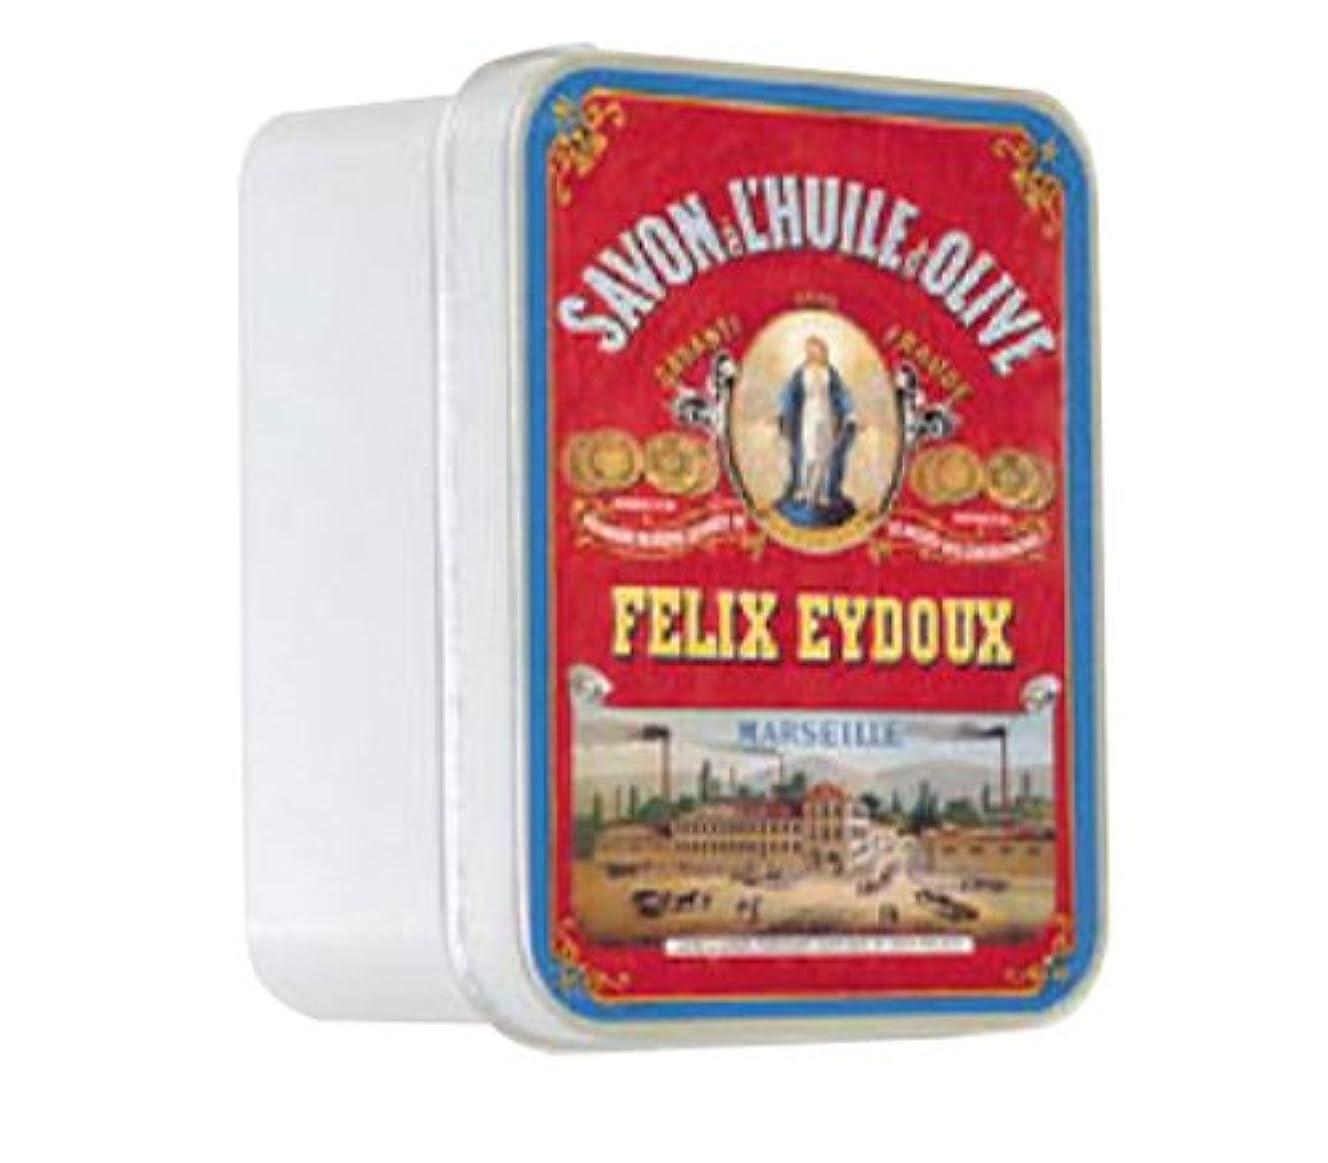 料理醸造所ロケットルブランソープ メタルボックス(マルセイユソープ?オリーブの香り)石鹸